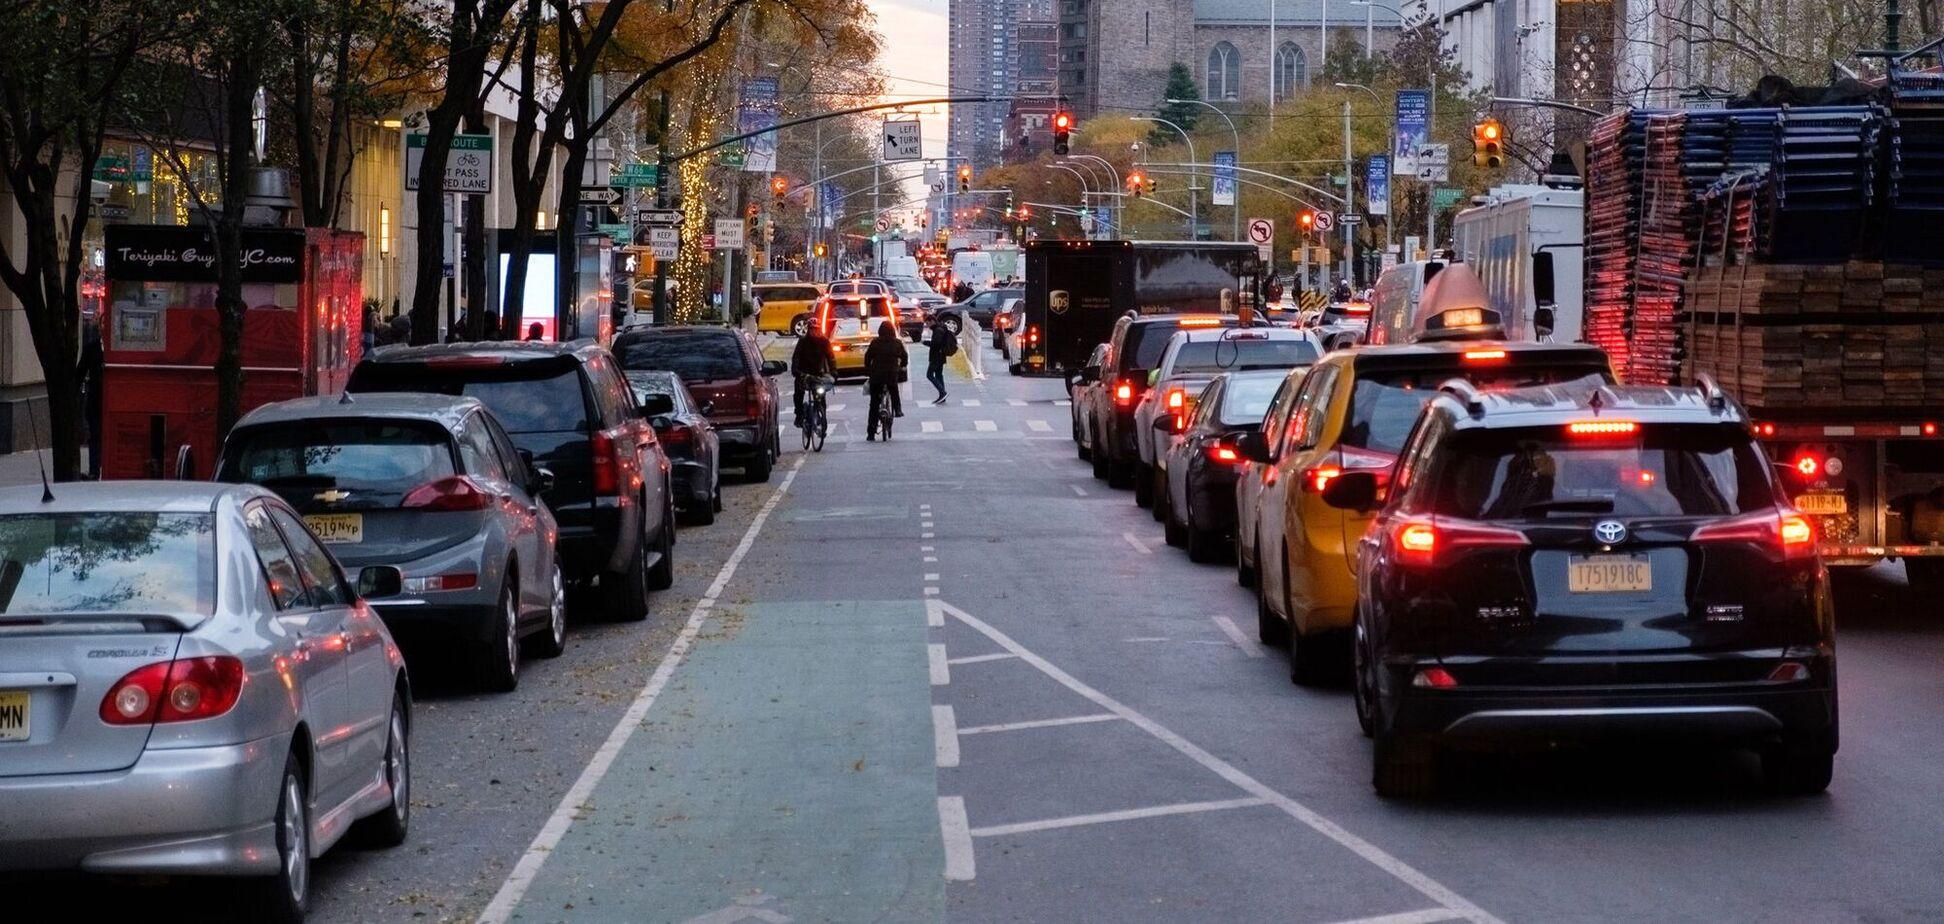 Американцям хочуть дозволити заробляти гроші на 'героях паркування'